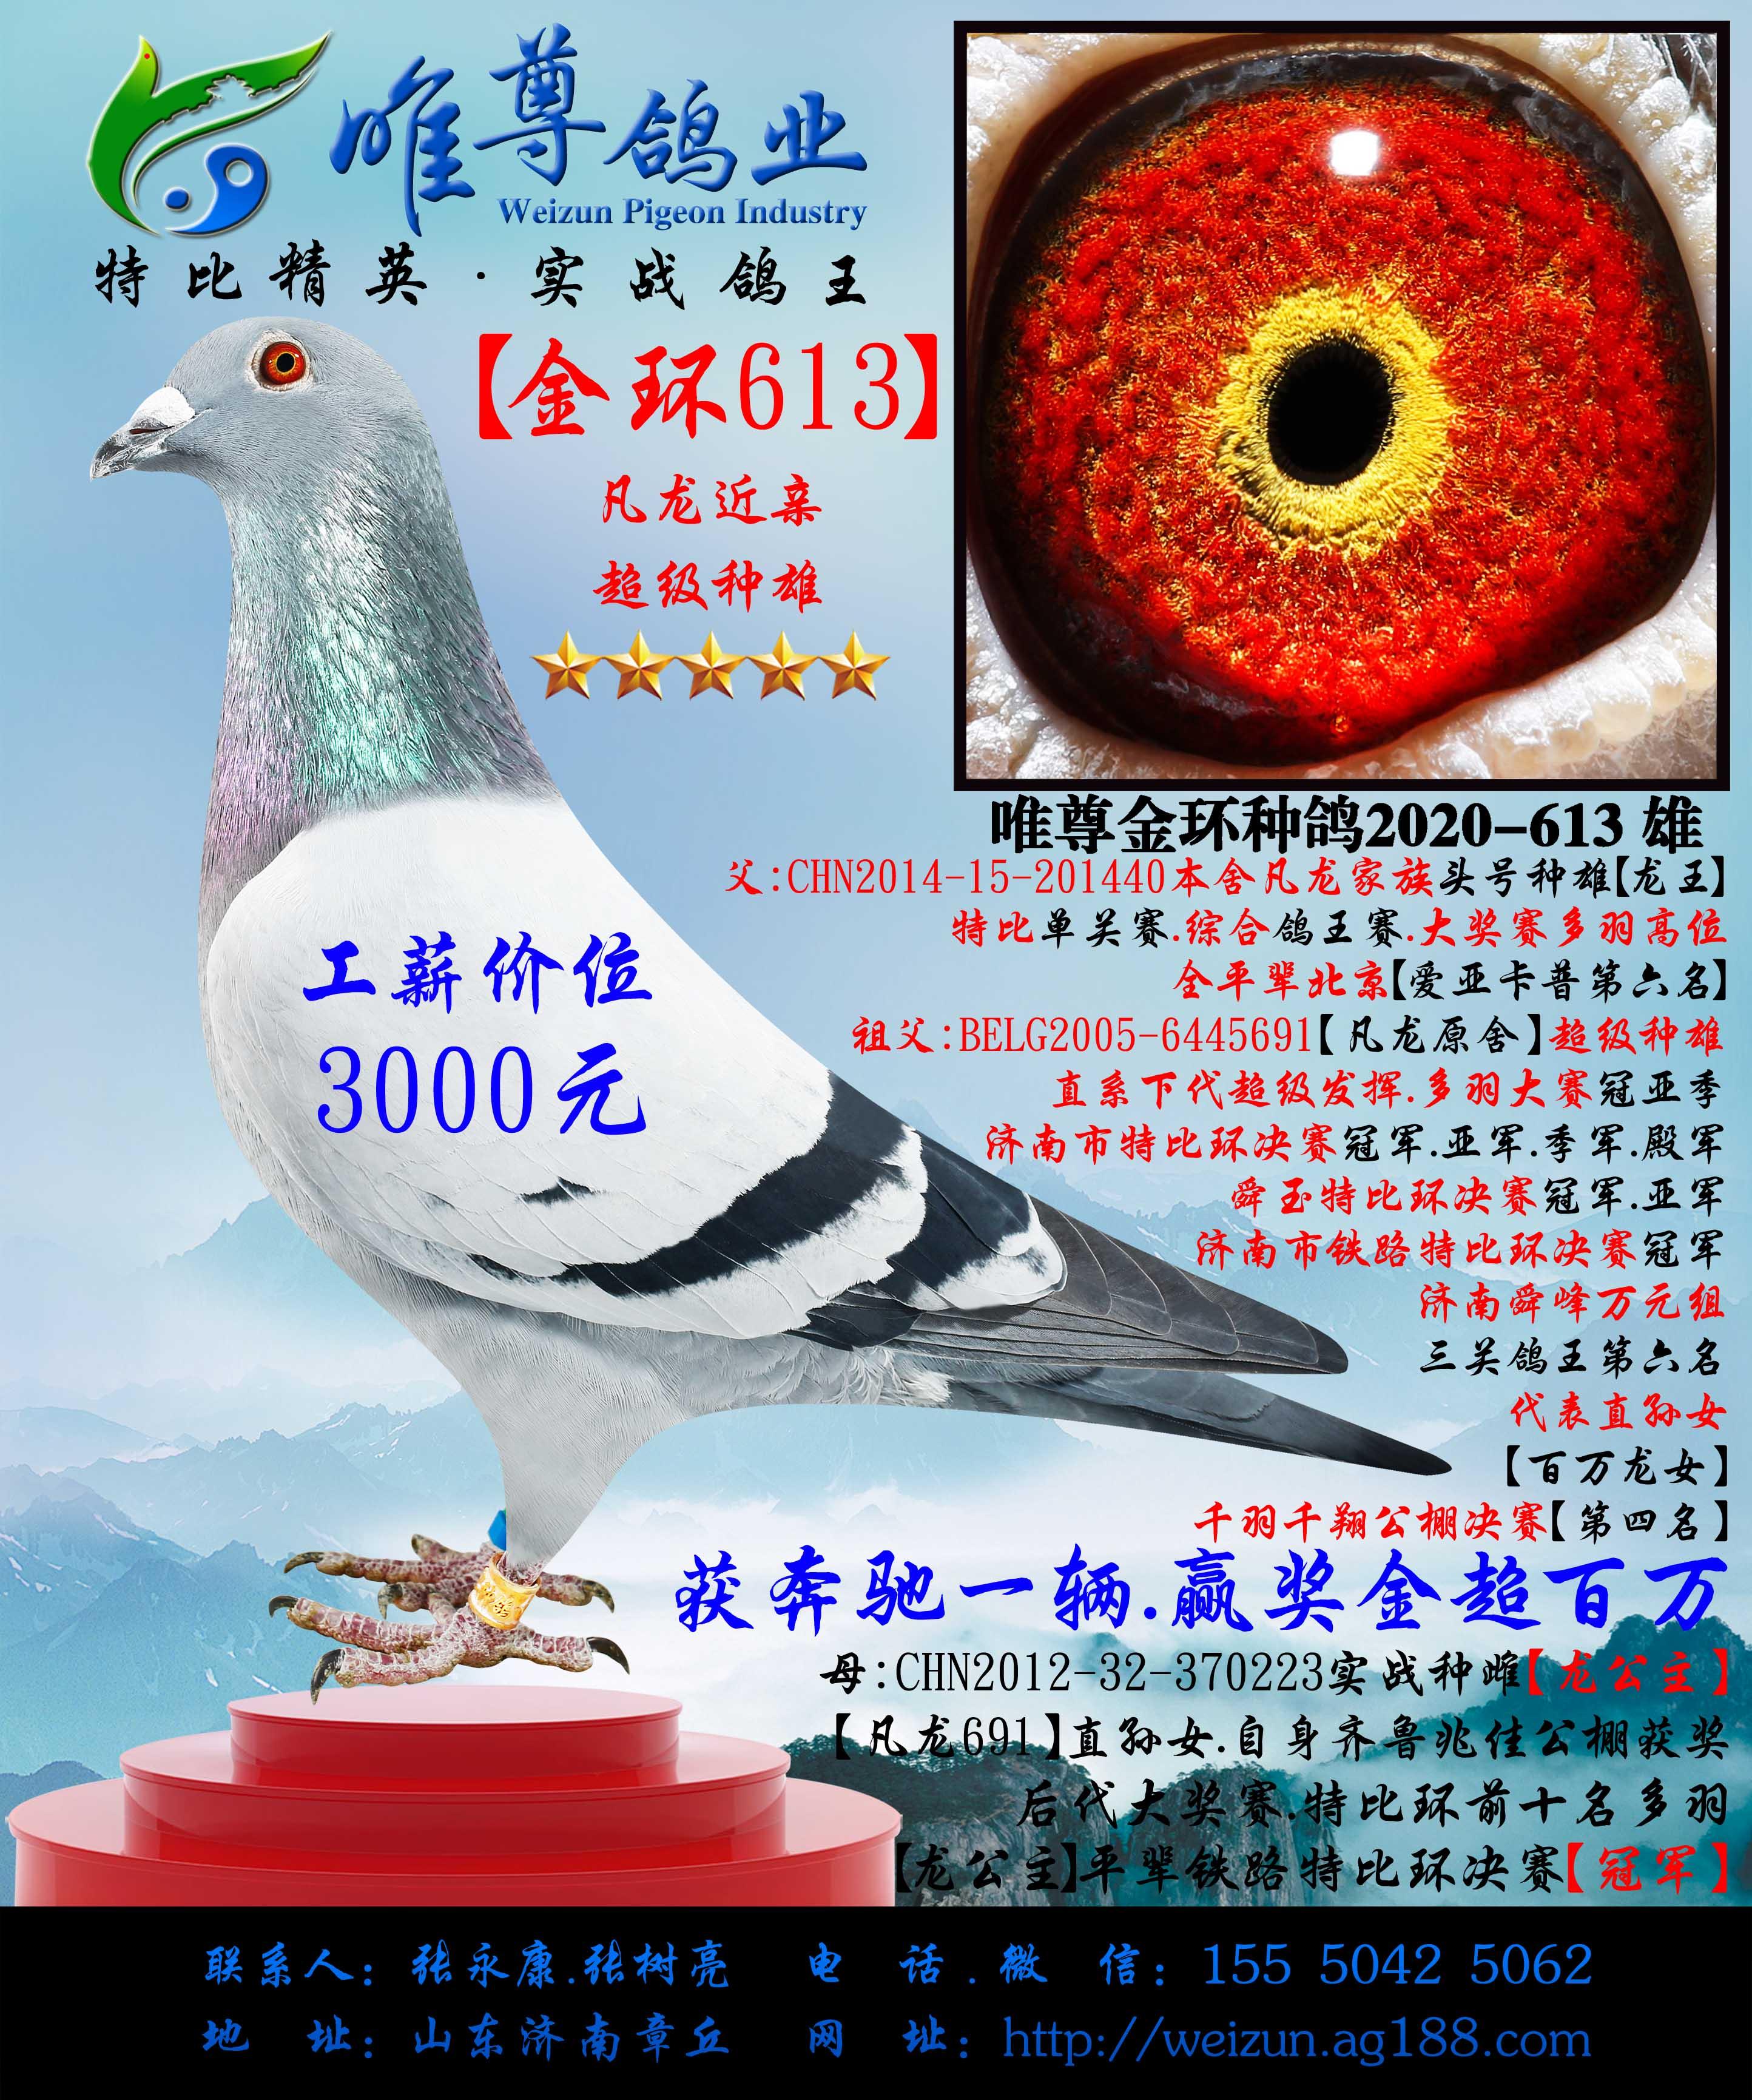 【金环613】凡龙近亲种雄